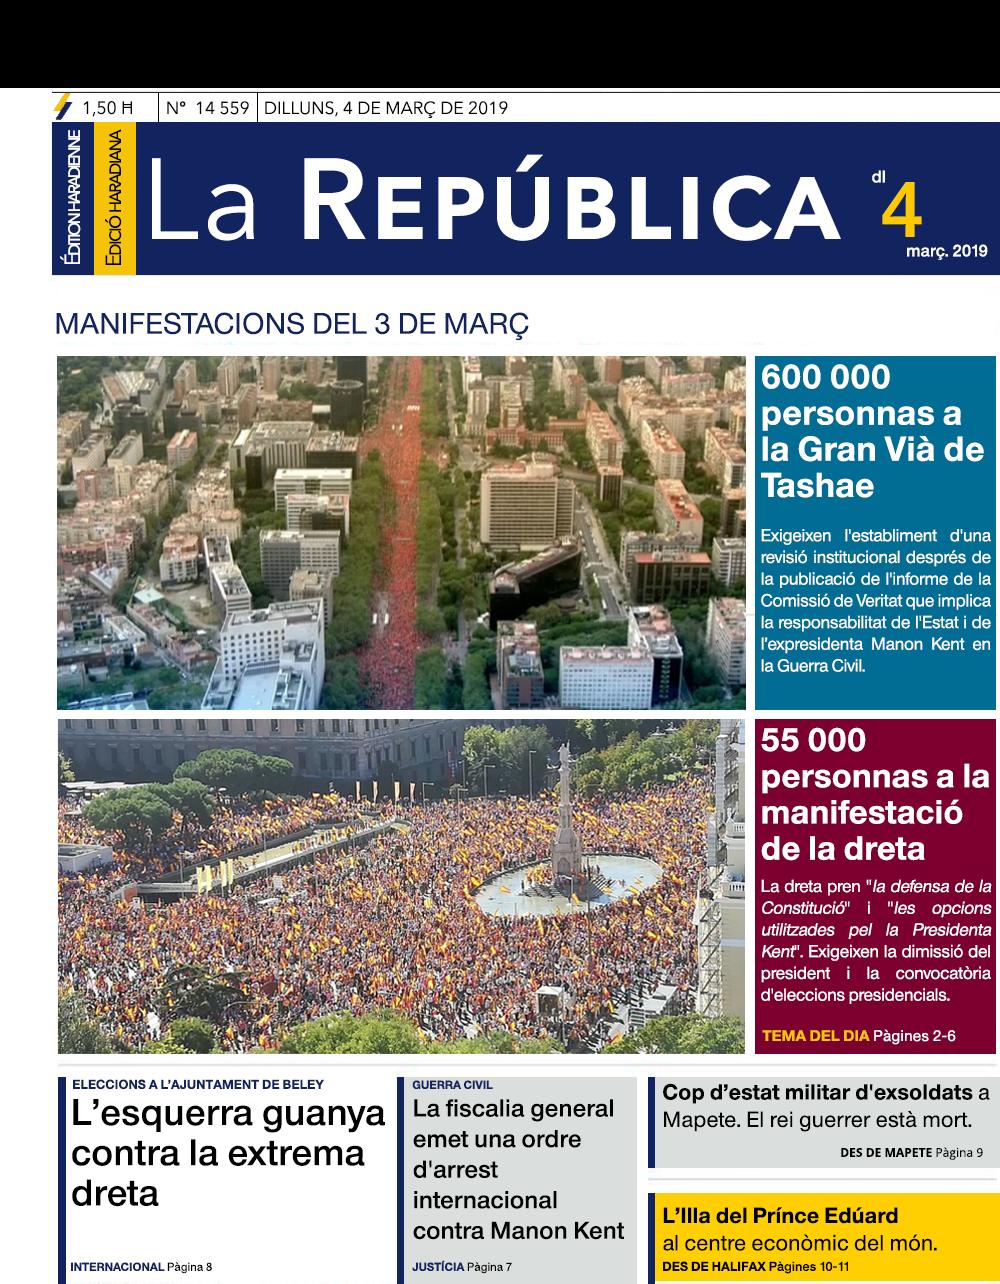 La República 190309032202497188